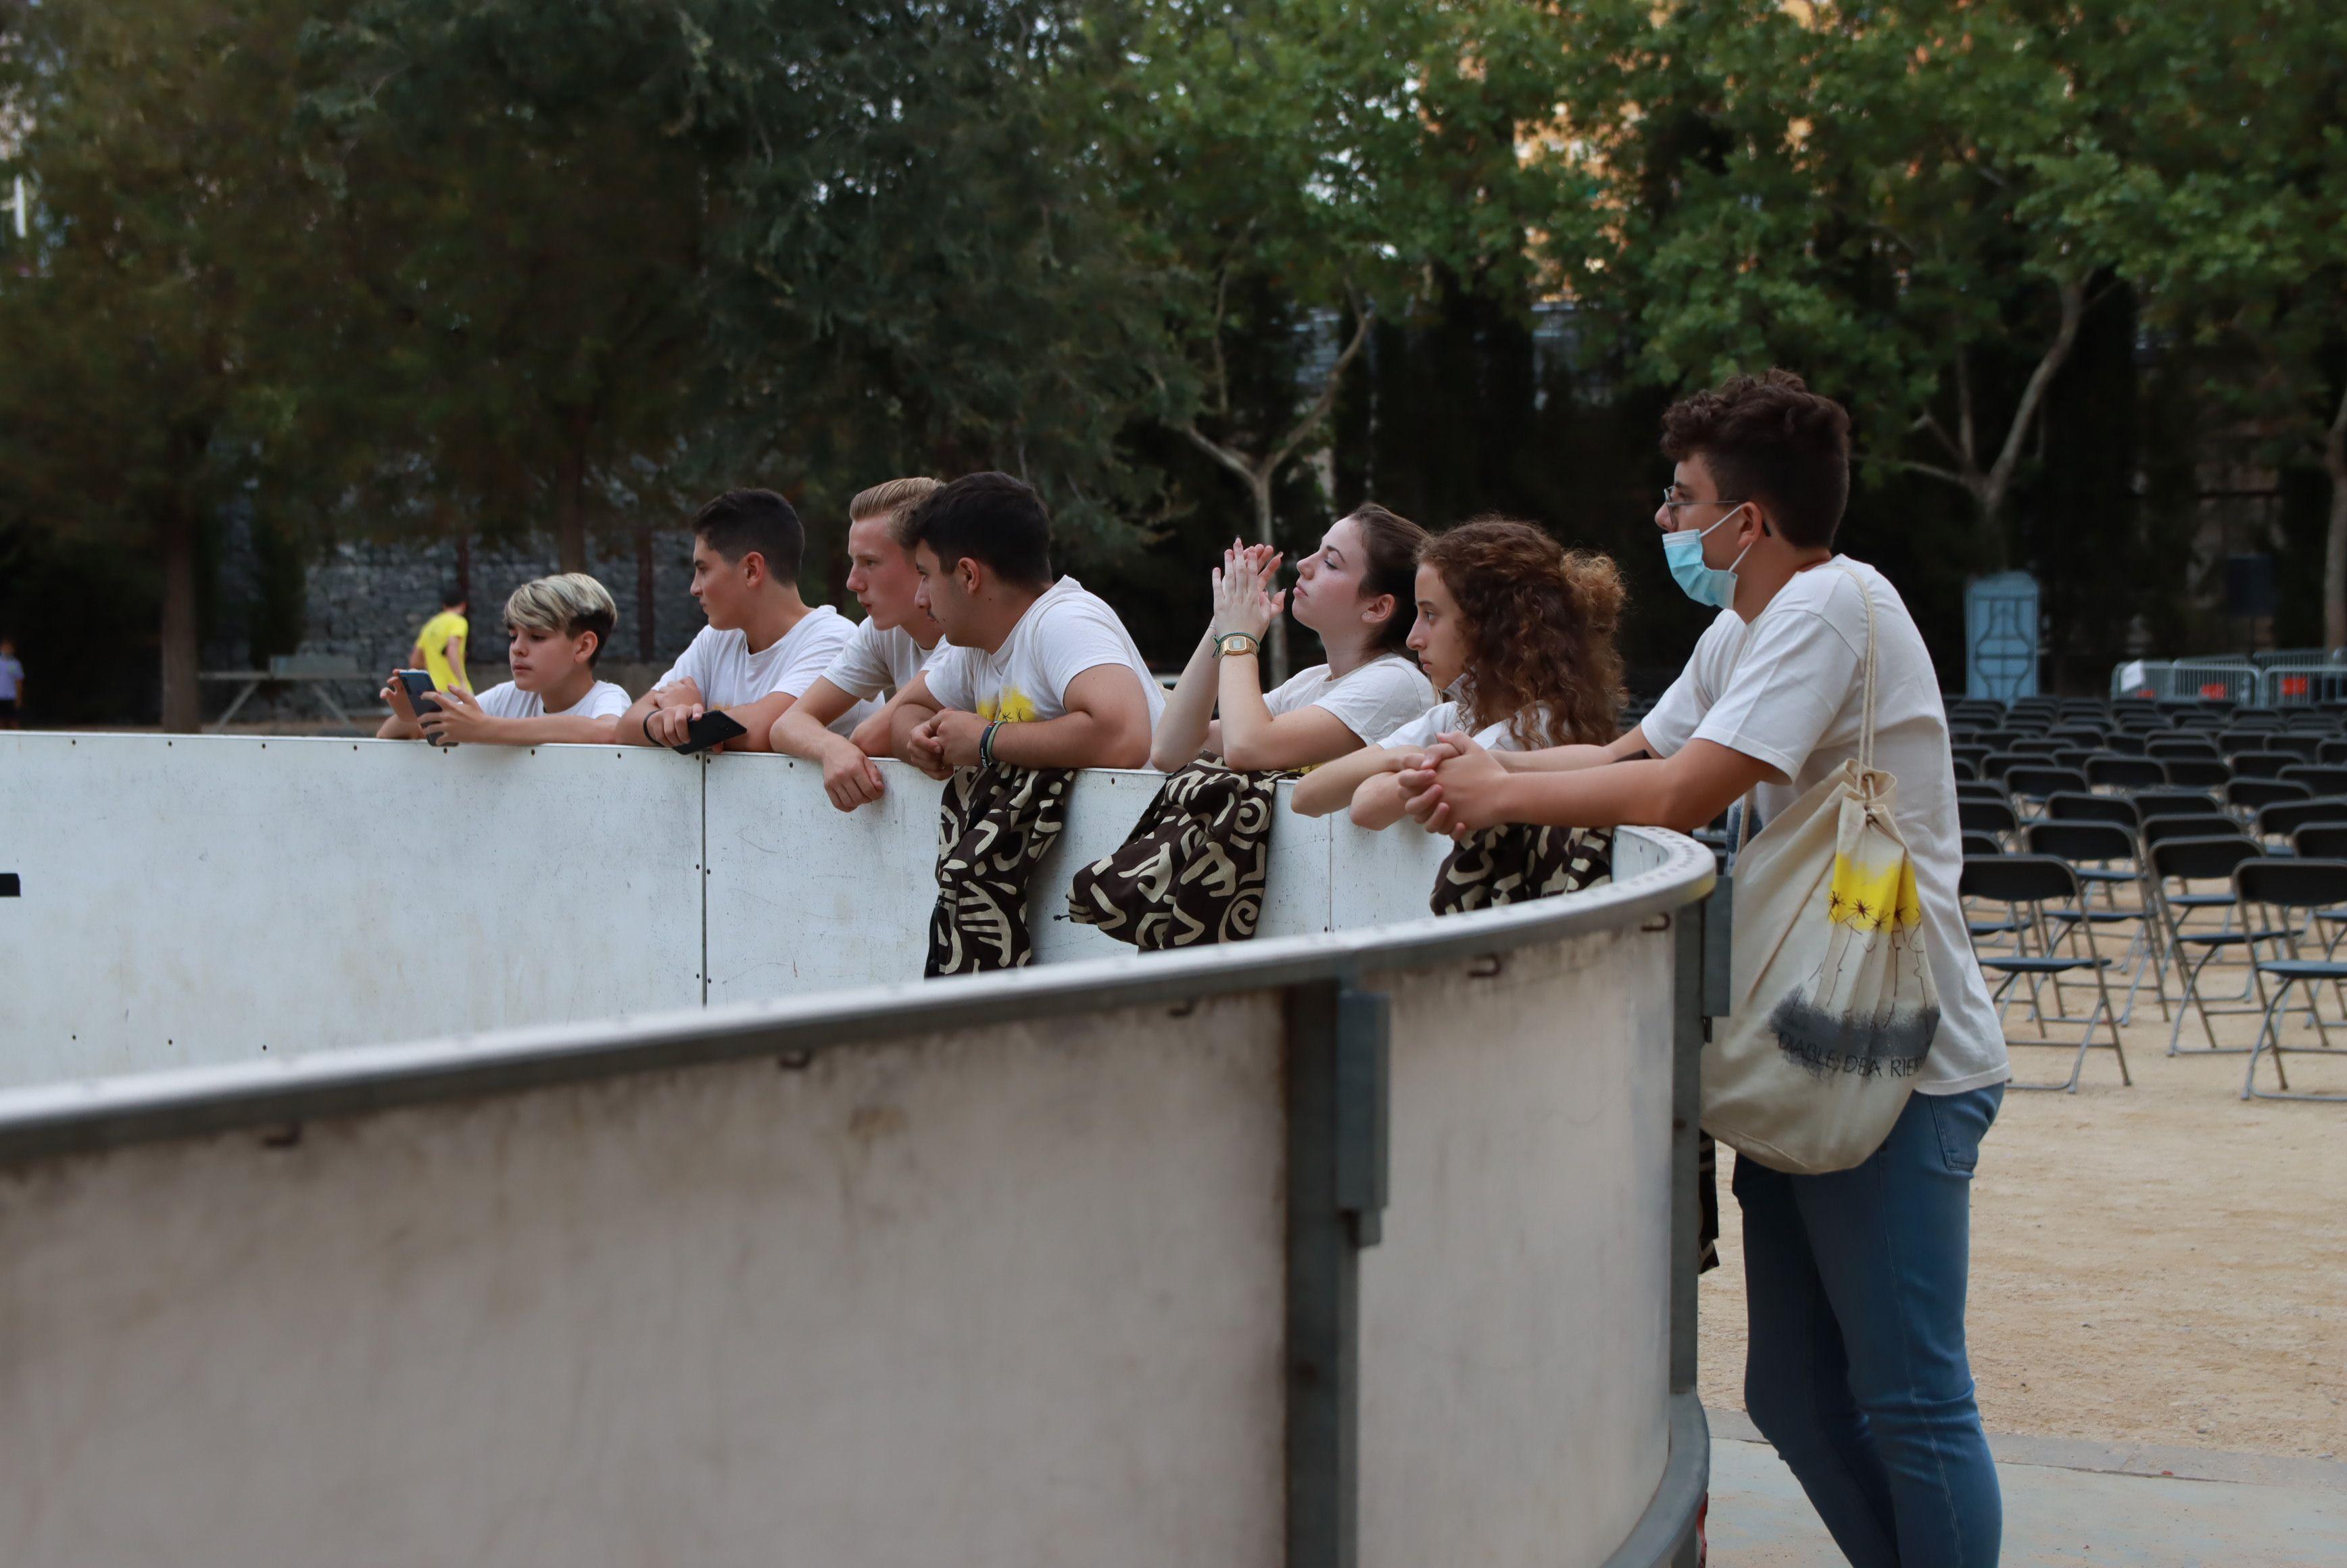 Tabalada a càrrec dels grups de percussió Explosió Rítmica i Tronats. FOTO: Josep Llamas